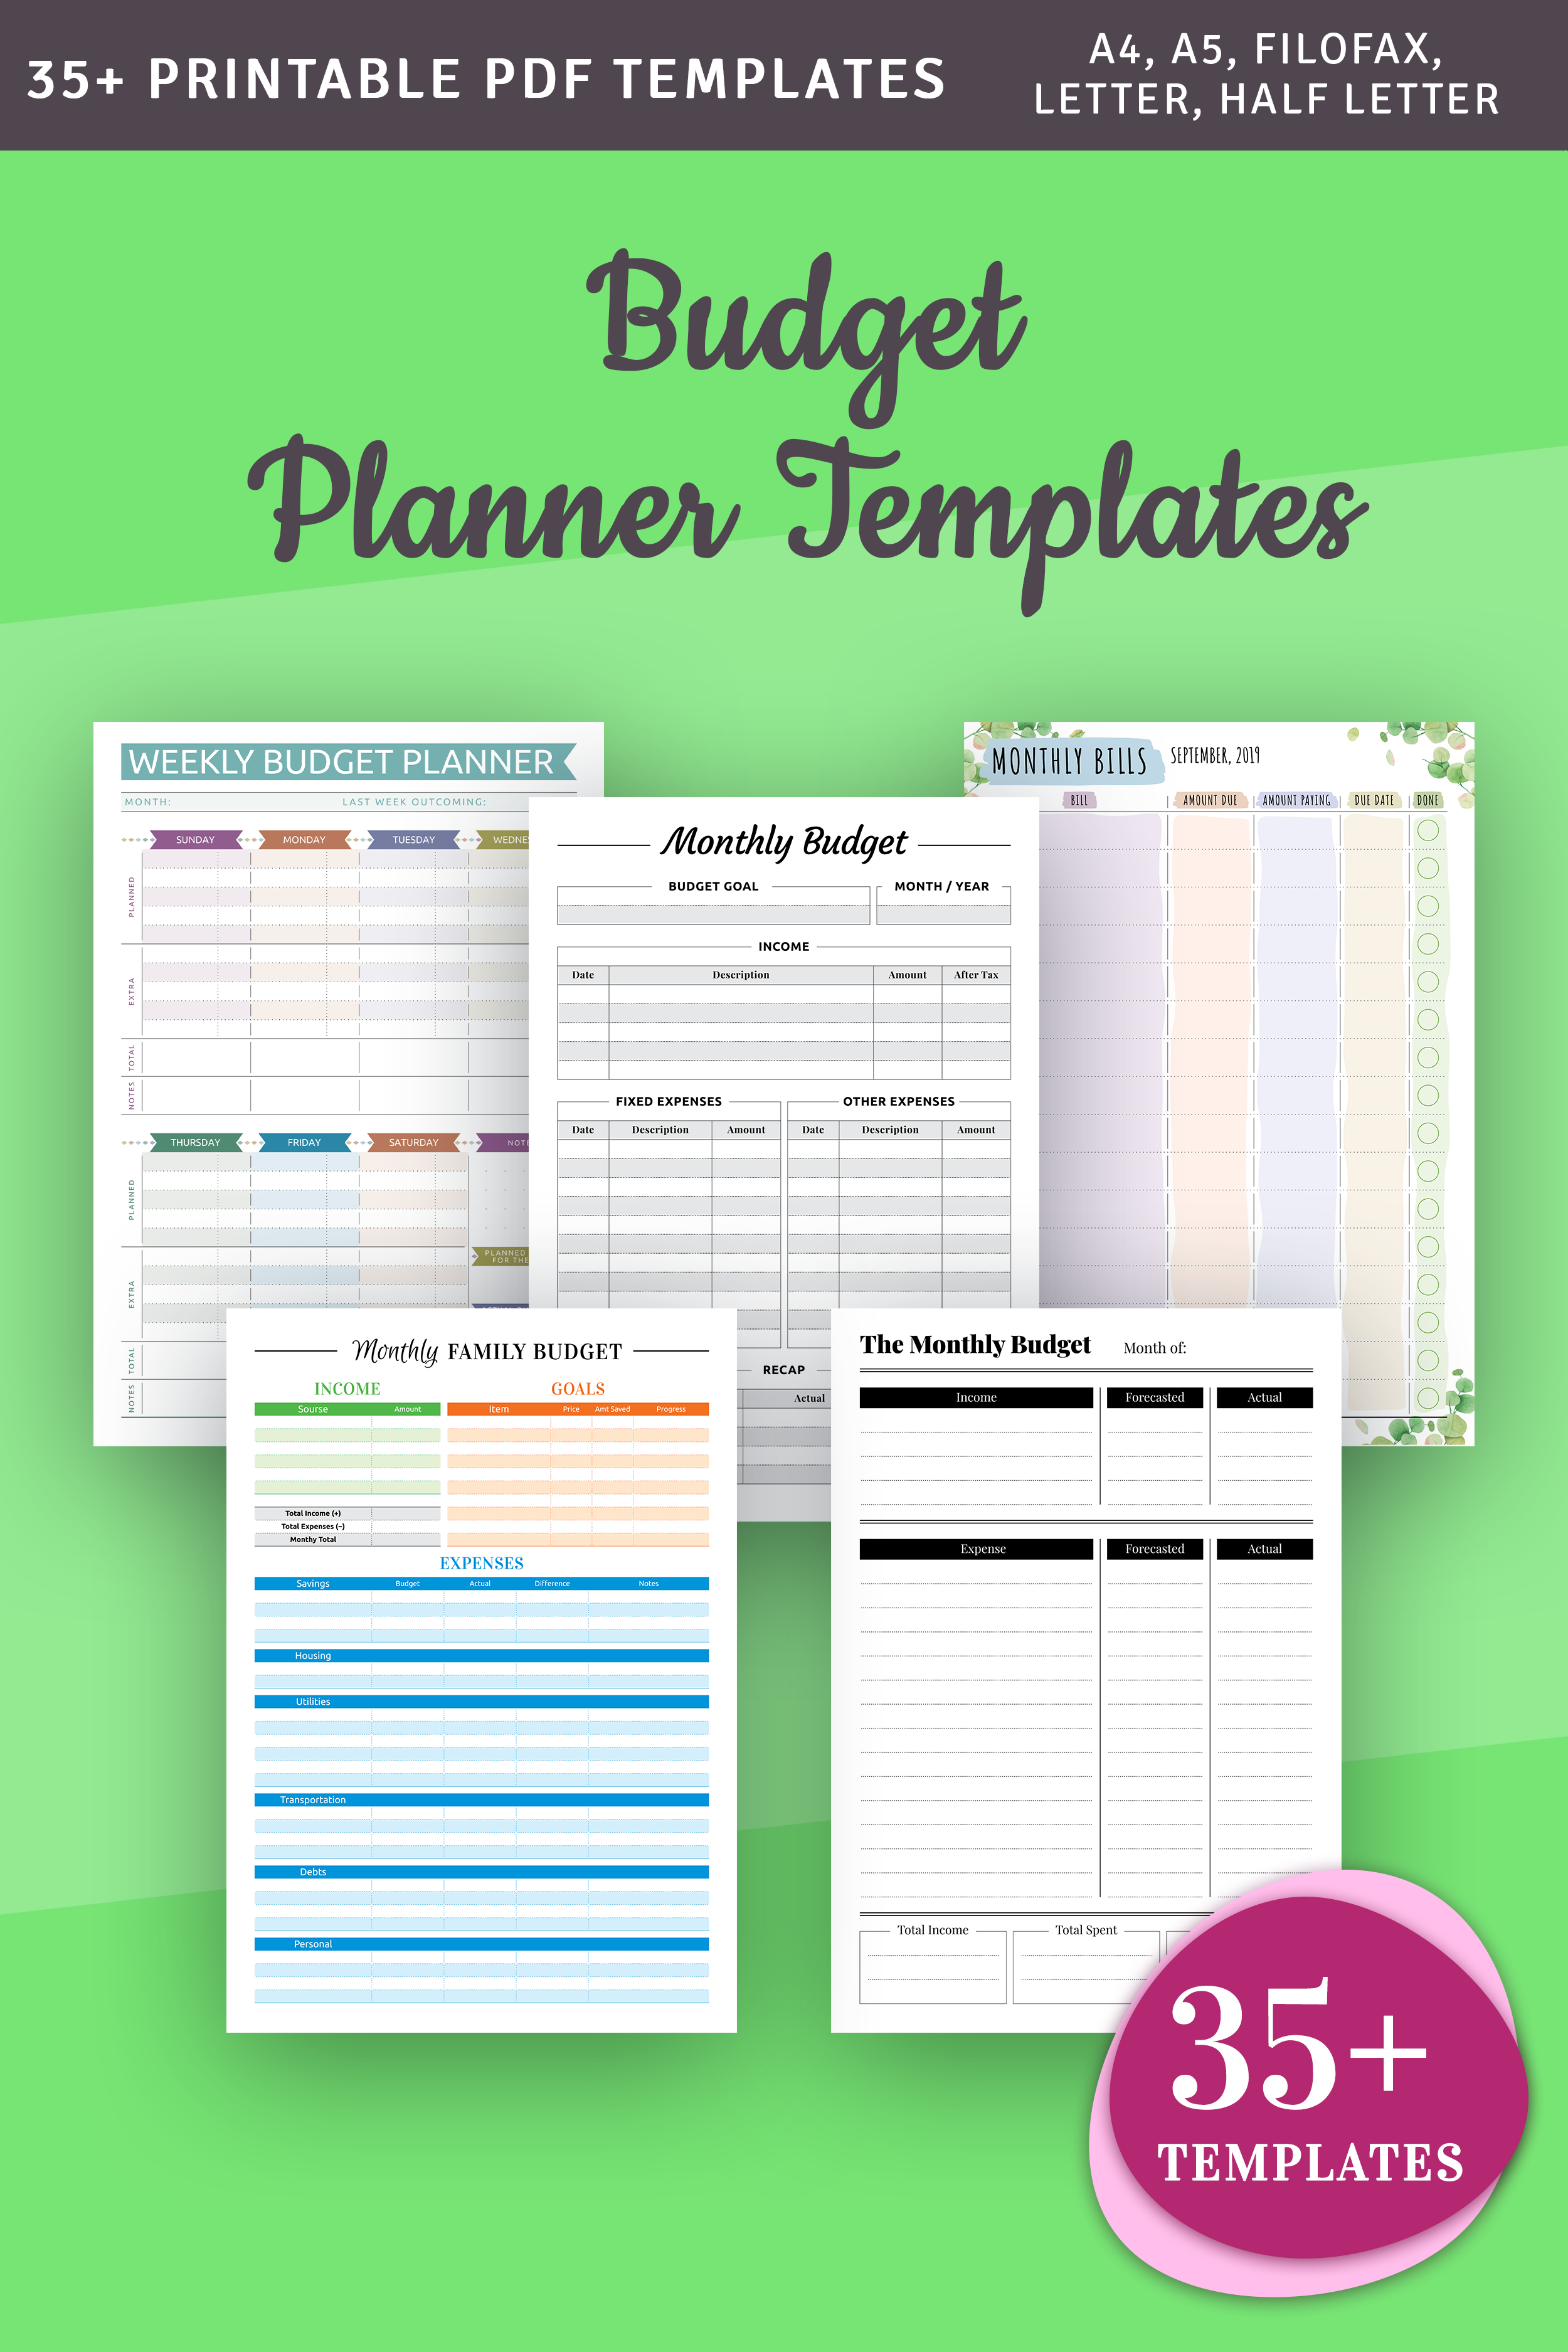 Printable Budget Templates